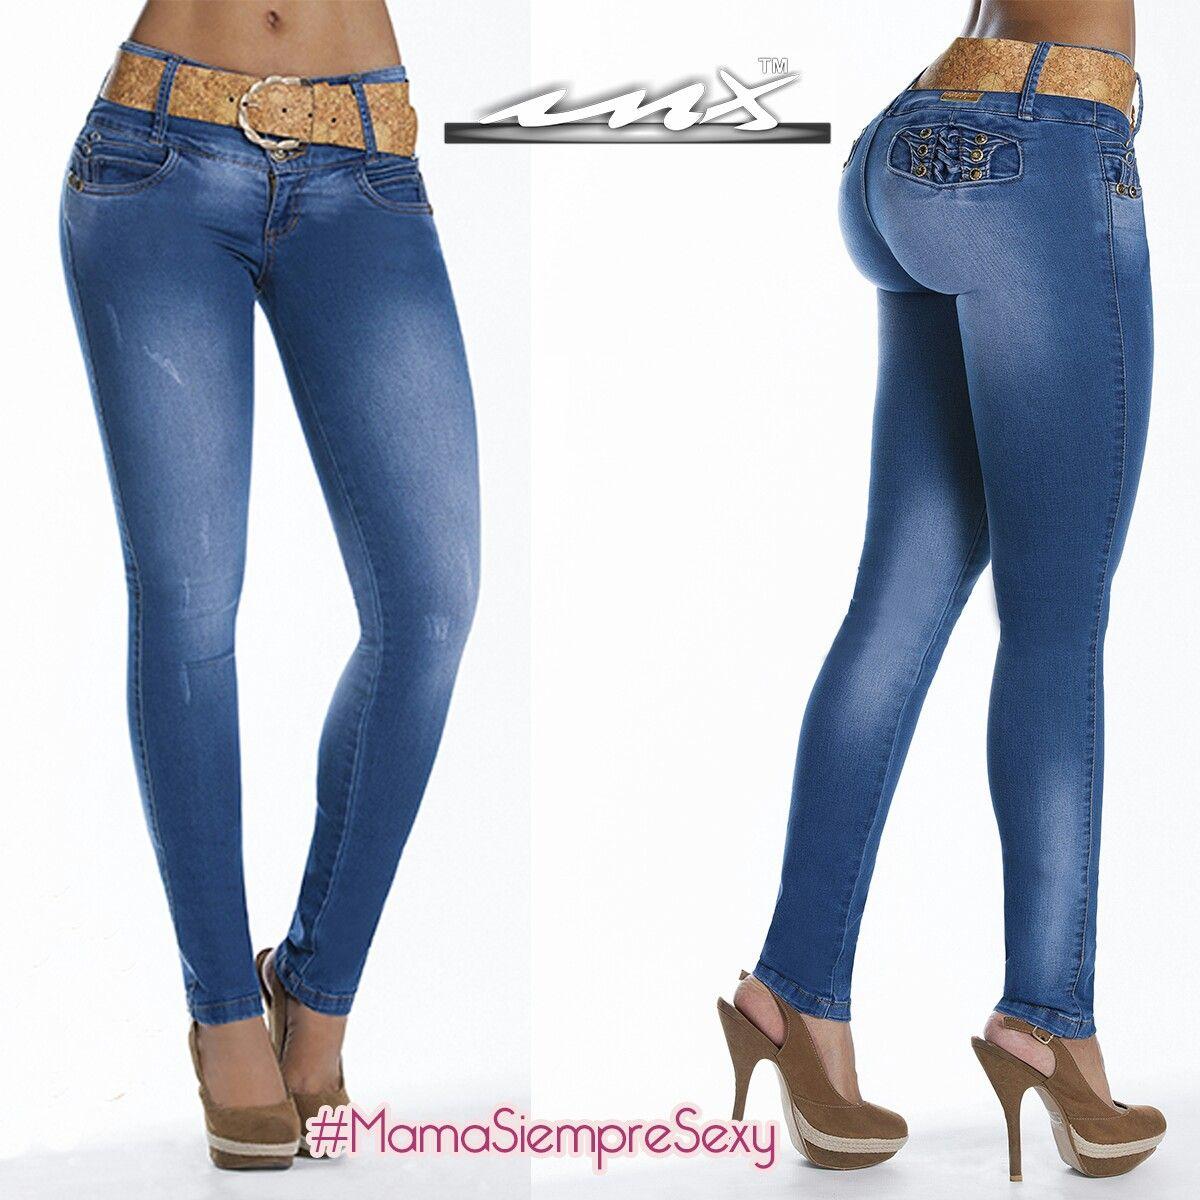 UUY jeans los originales #LevantaCola nuevos modelos ya en tiendas: gran plaza y plaza exhimoda, whatsapp 3334077725 o visita modacolombiana.mx #MamaSiempreSexy